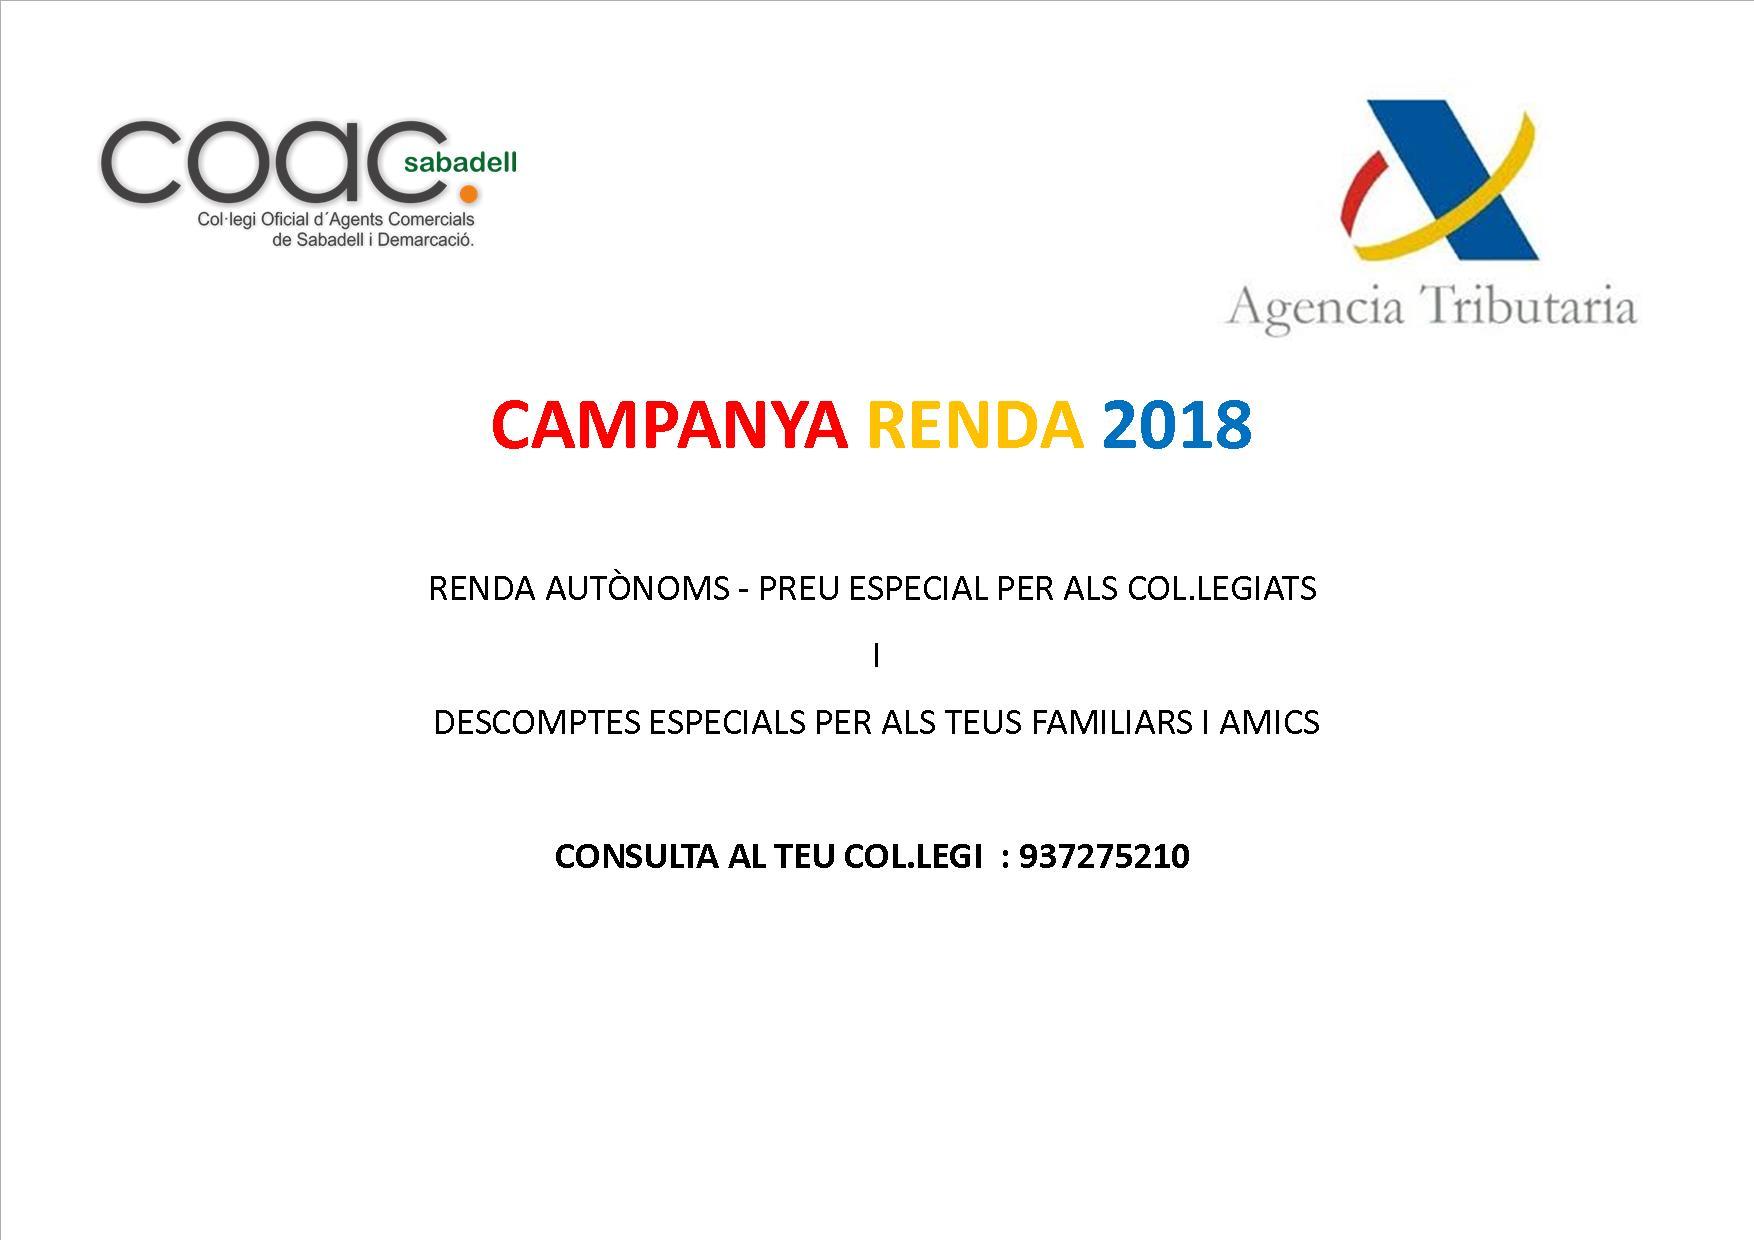 RENDA 2018